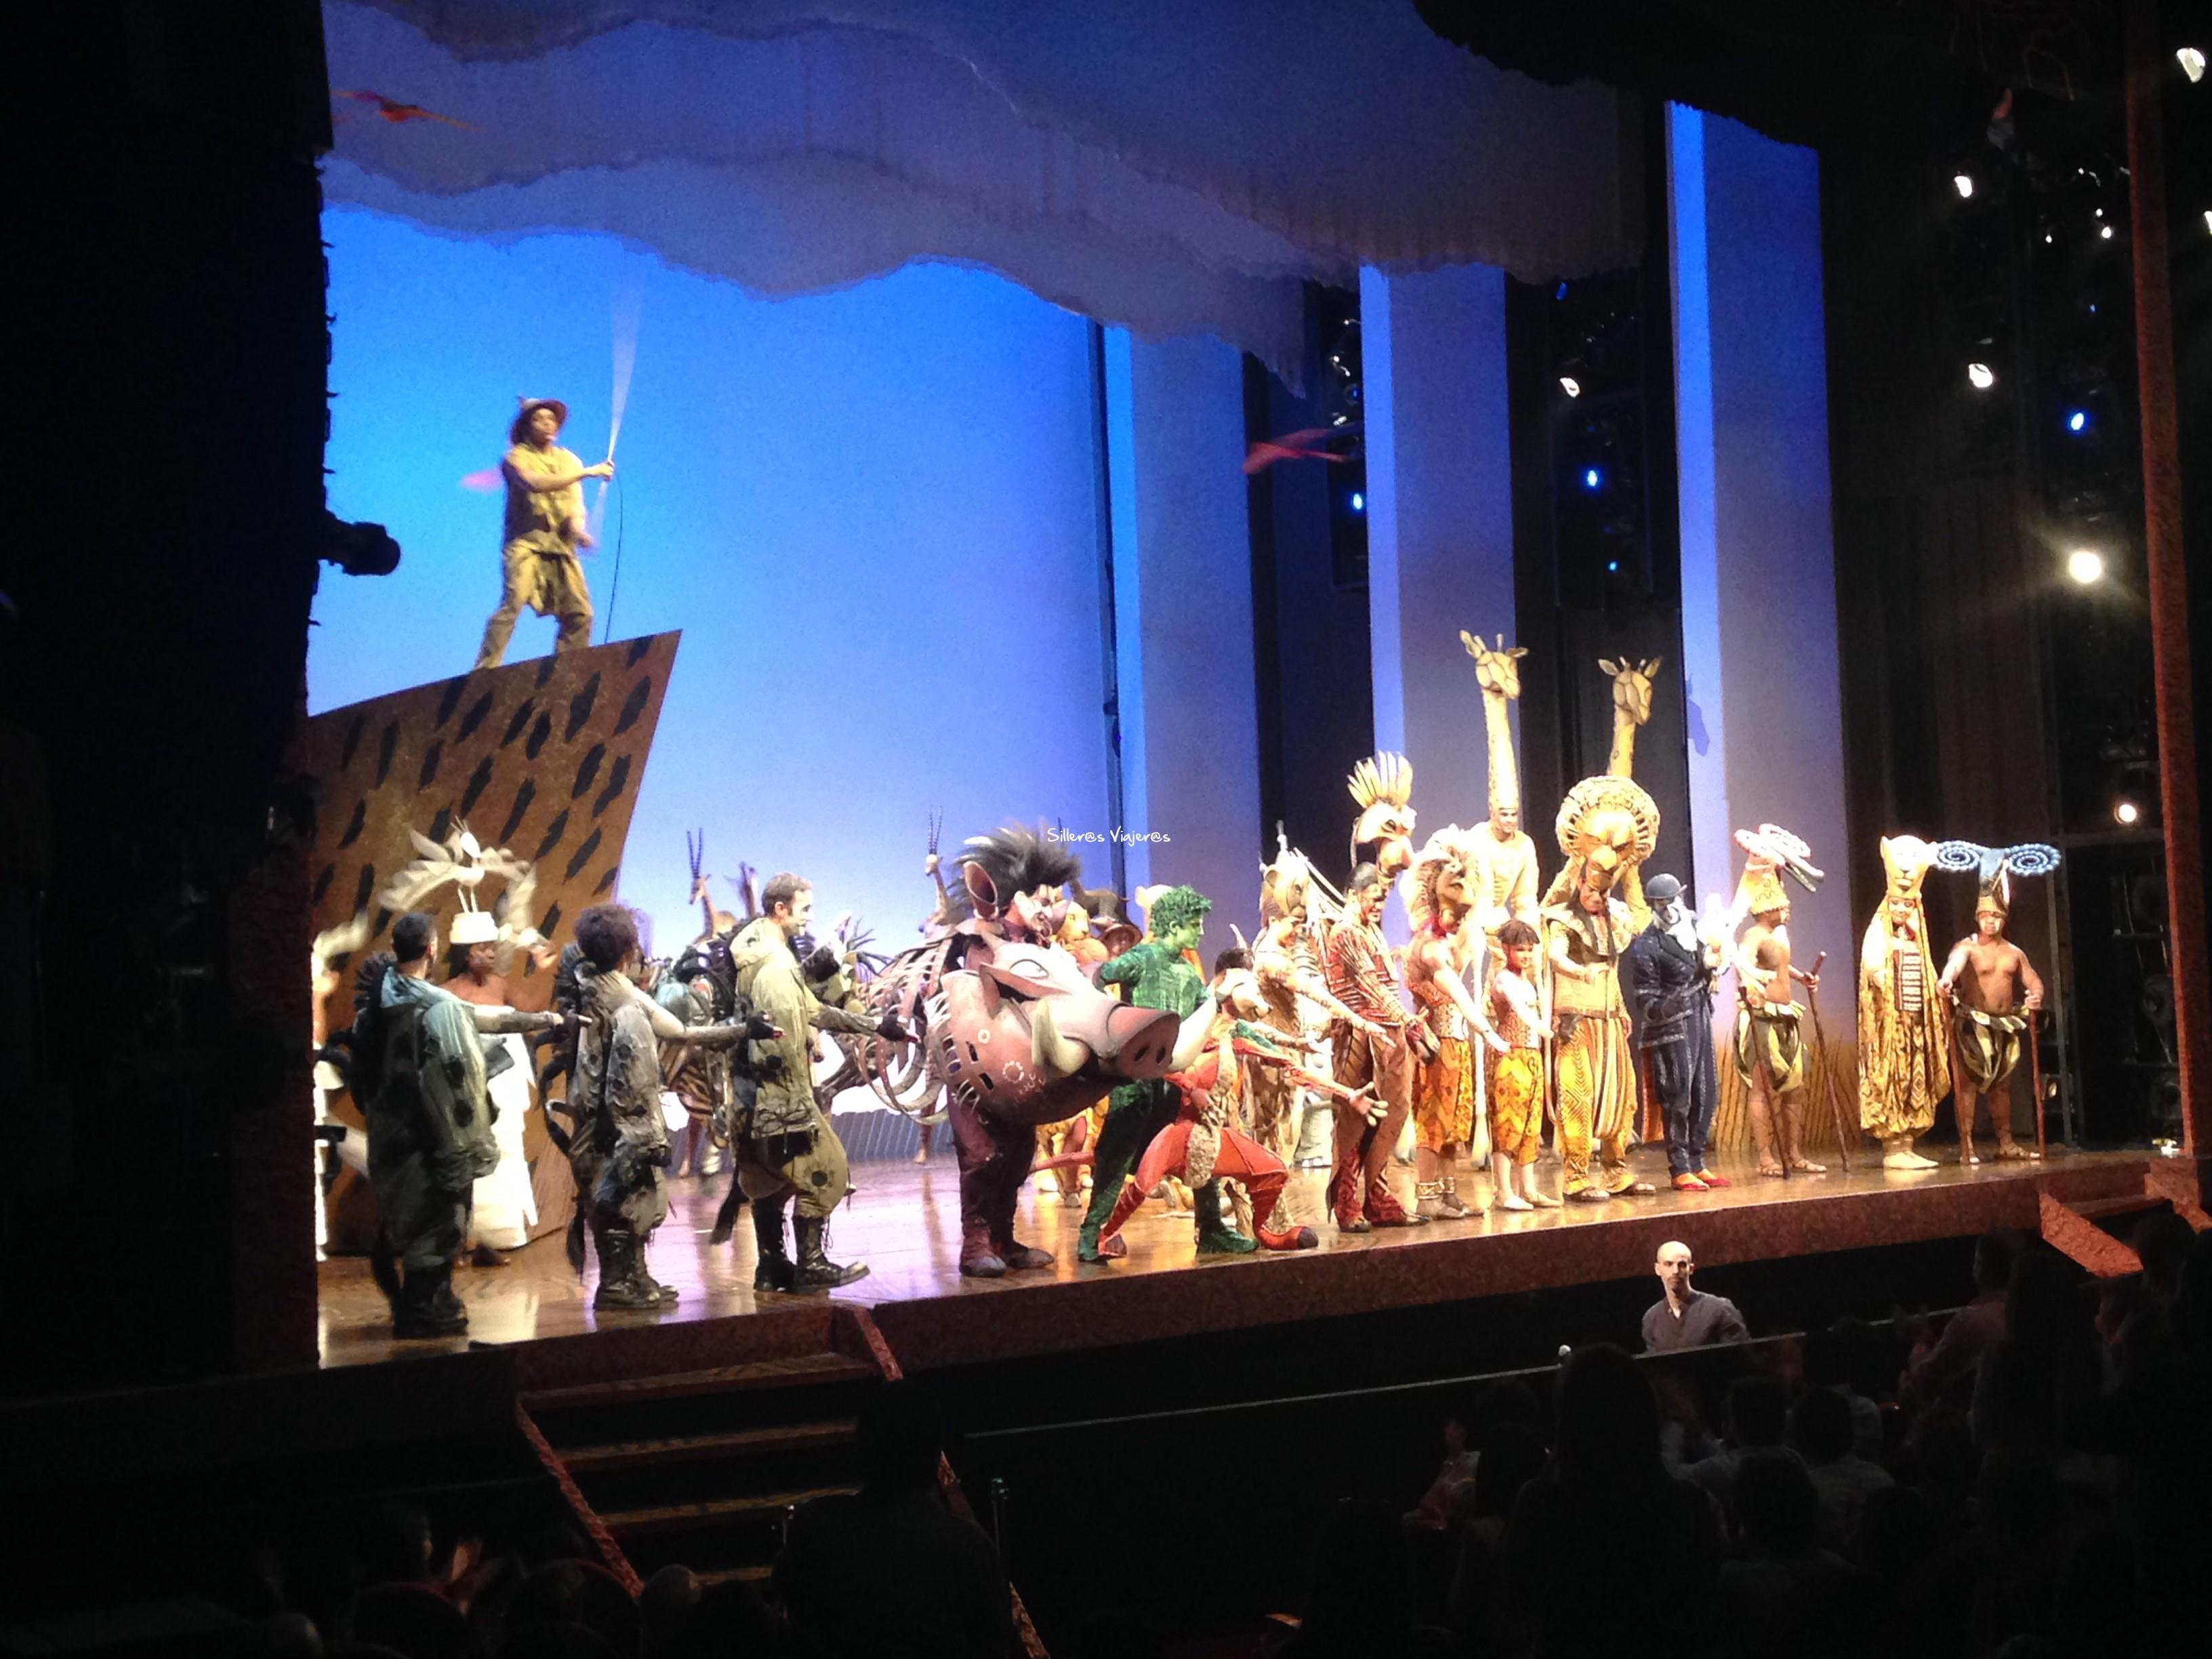 Escenario del musical.